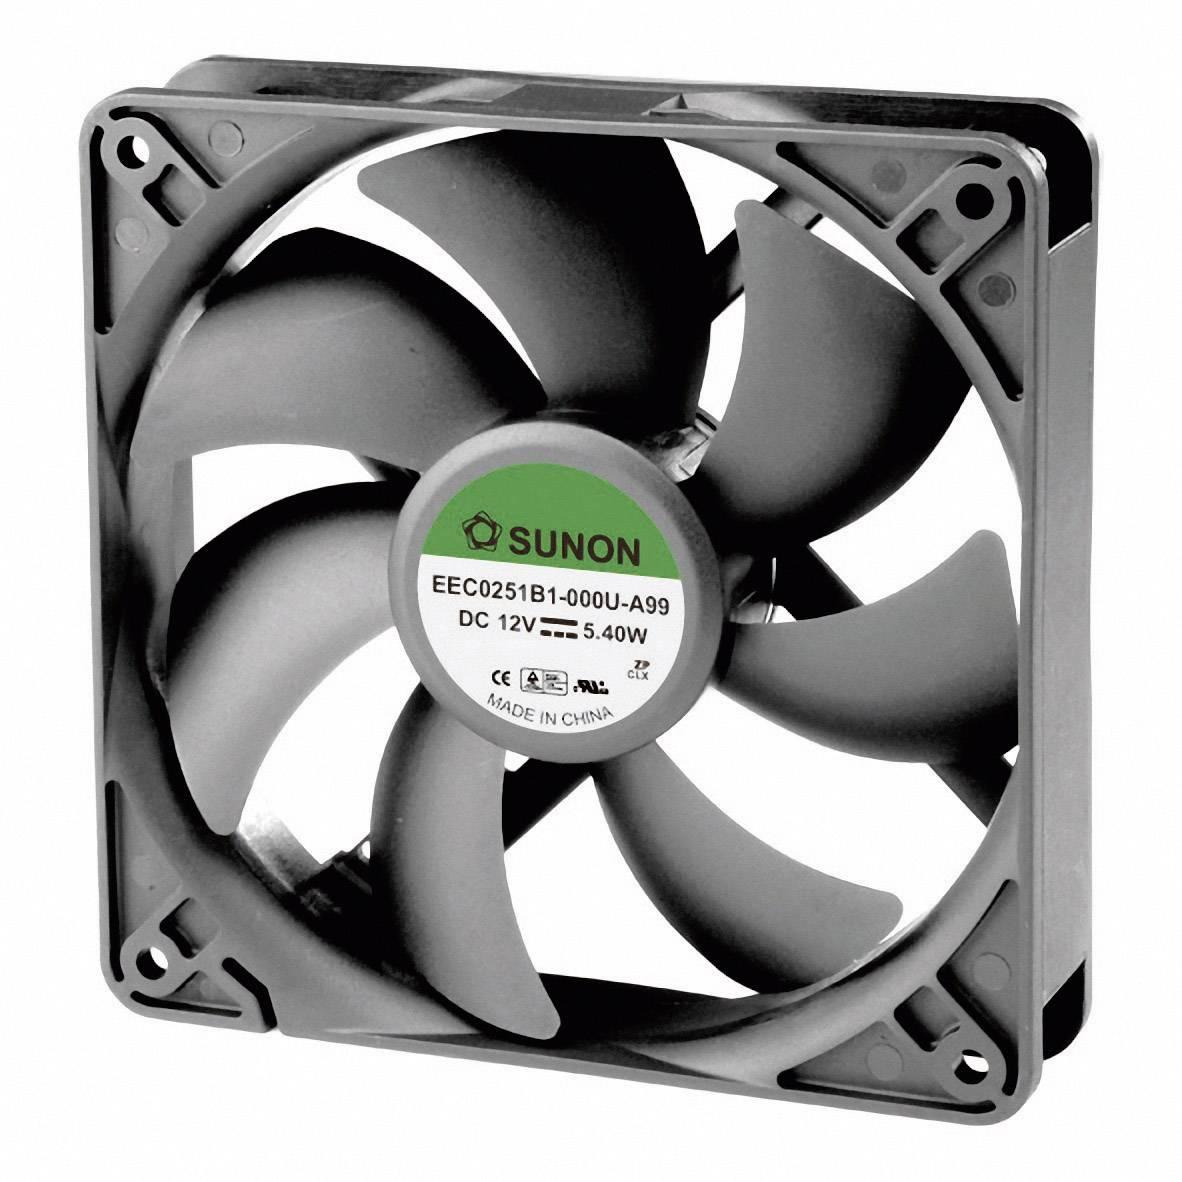 Axiálny ventilátor Sunon EEC0251B1-000U-A99 EEC0251B1-000U-A99, 12 V/DC, 44.5 dB, (d x š x v) 120 x 120 x 25 mm